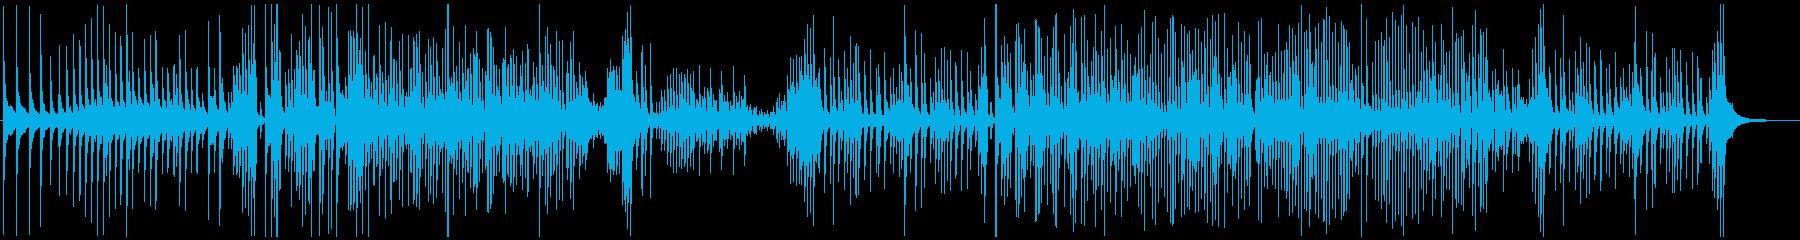 津軽三味線ソロ-A、激しい、疾走、声入りの再生済みの波形